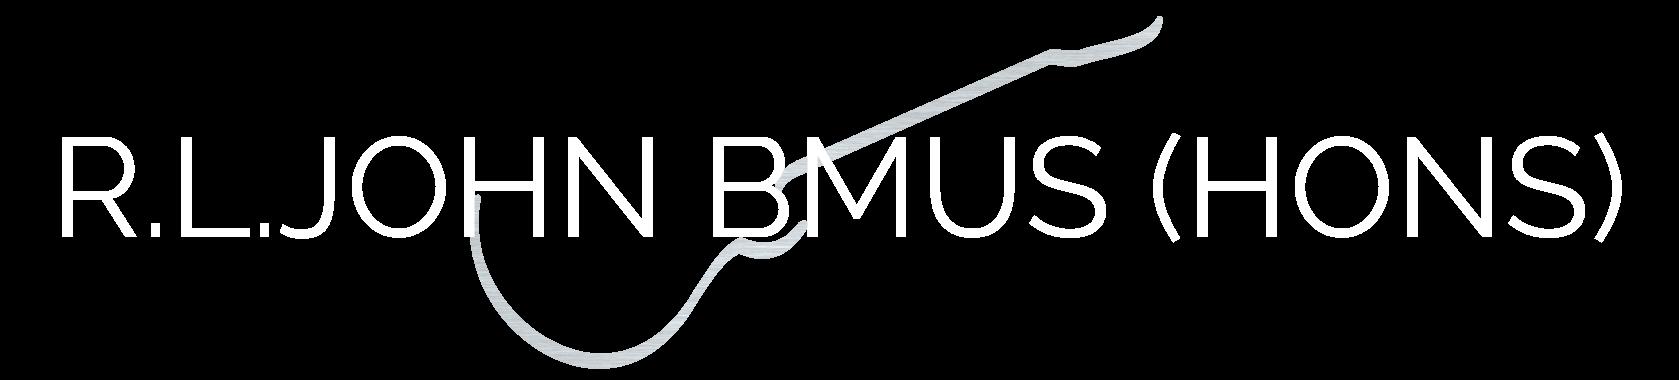 R.L.John BMus (Hons)